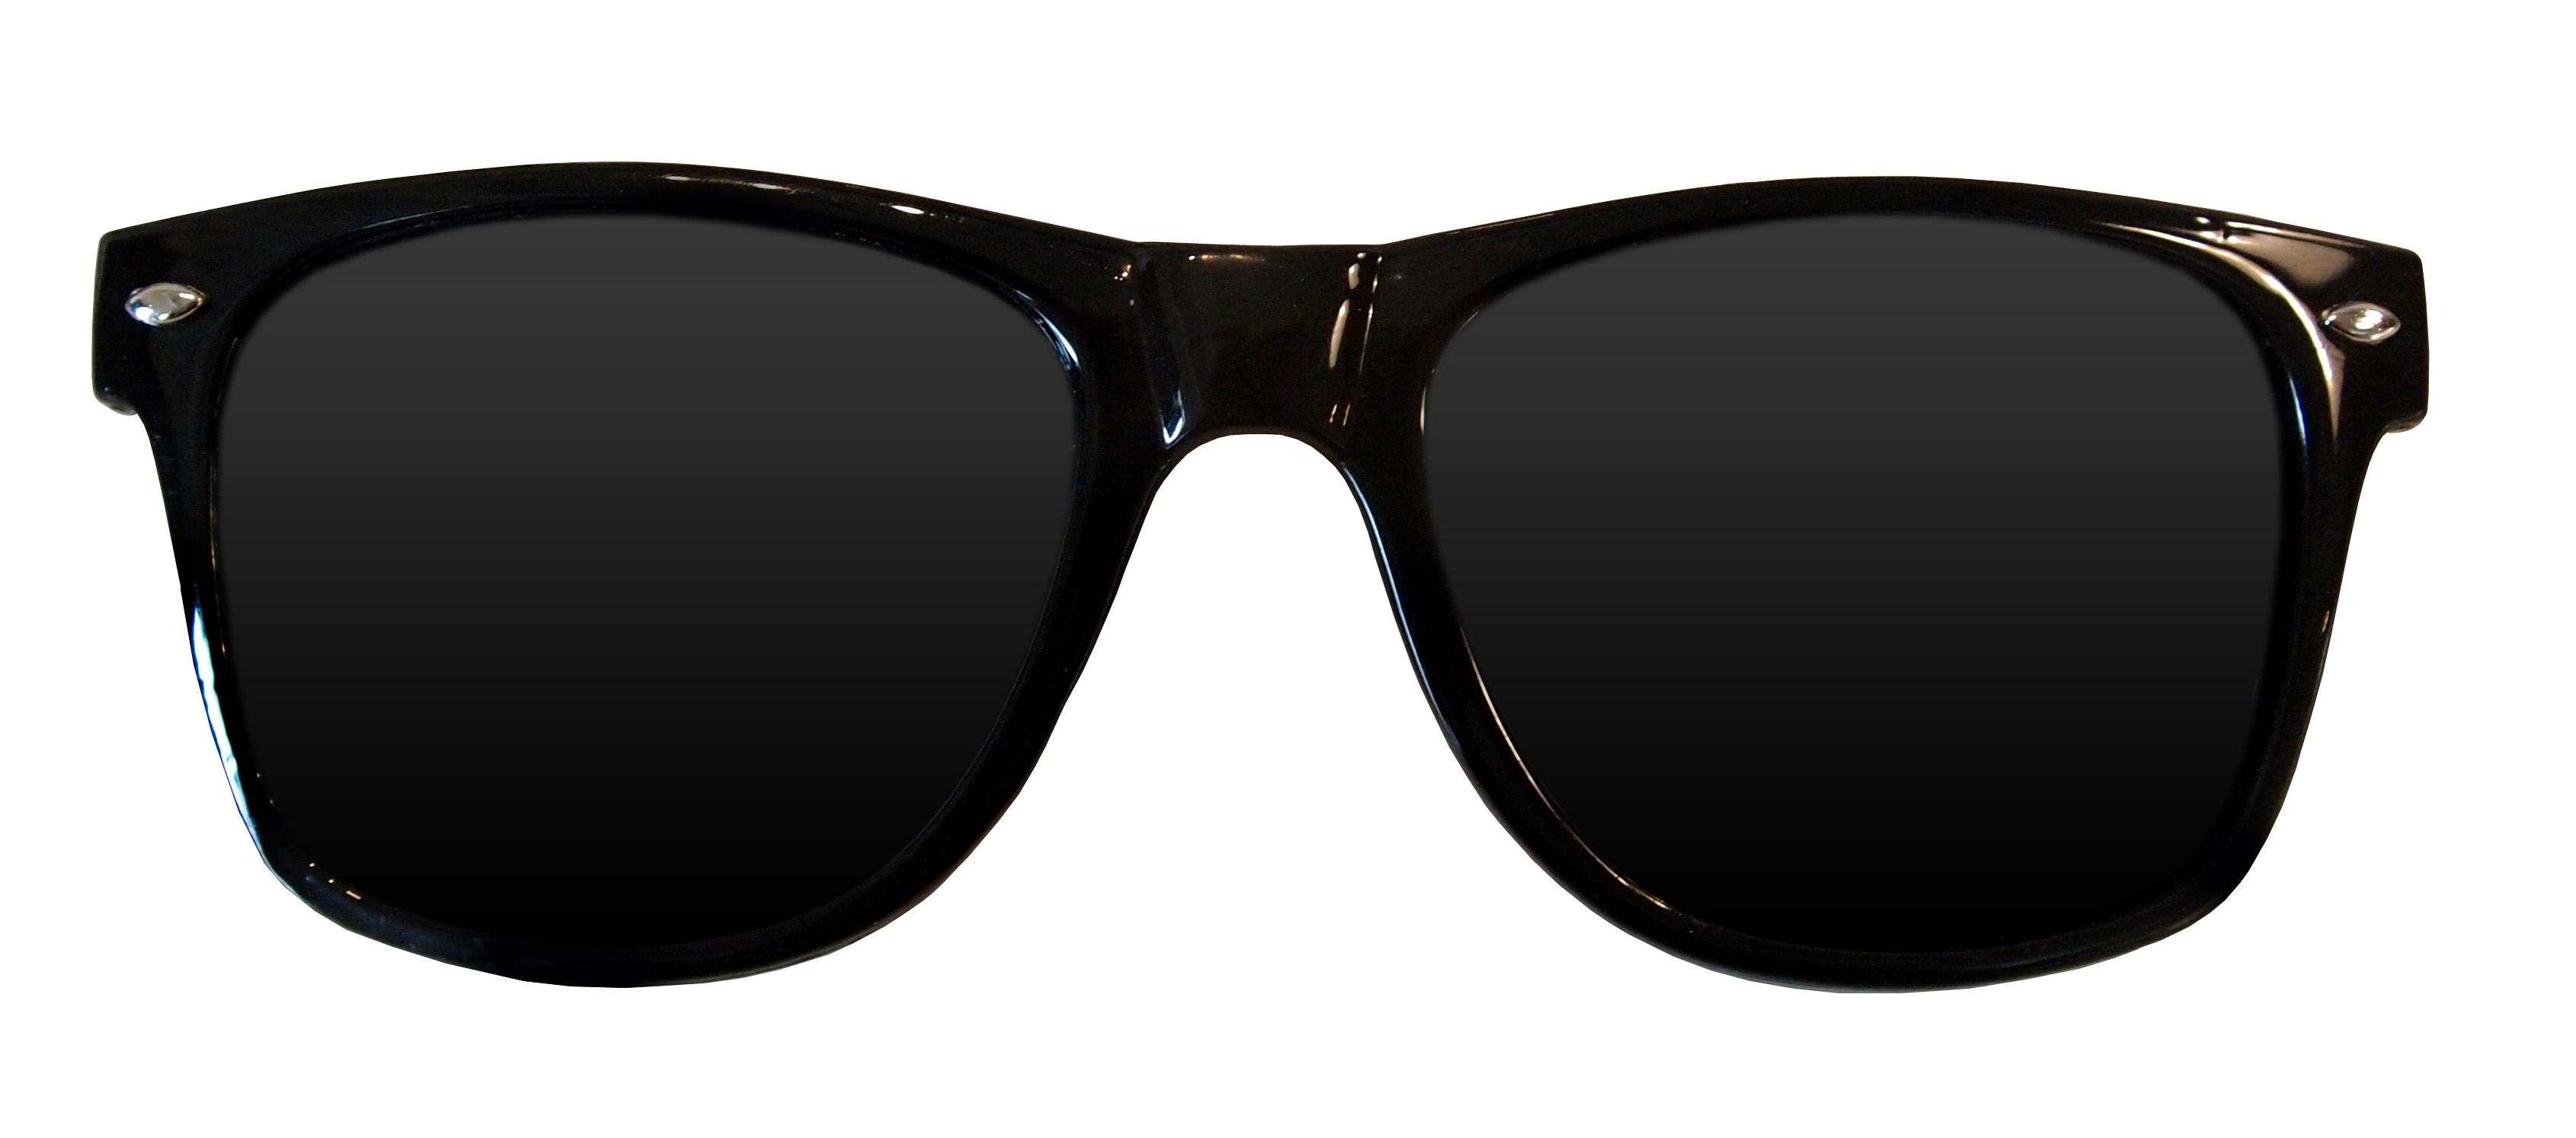 Wayfarer Sunglasses Clip Art